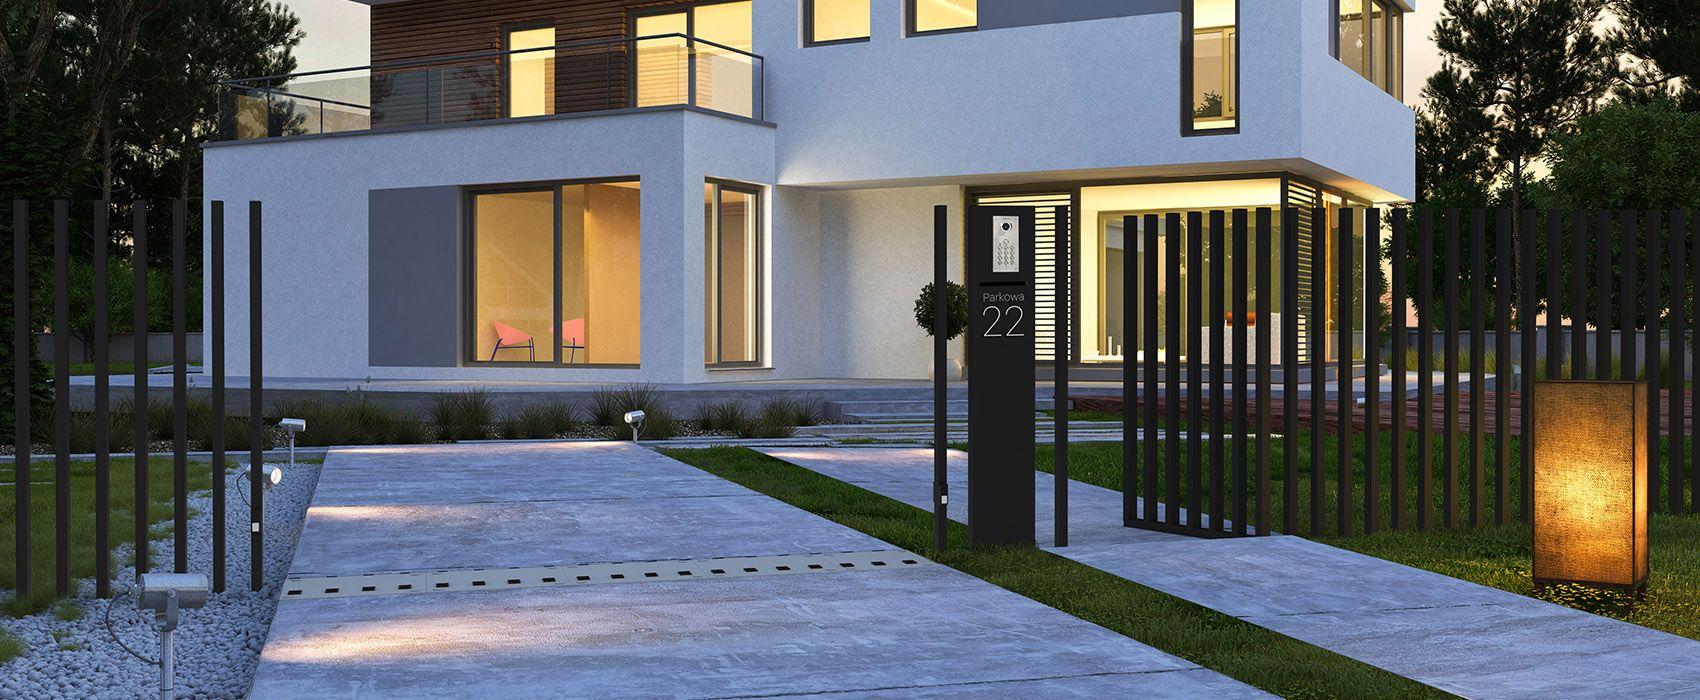 Beleuchtung für die unterputzmontage im esszimmer wohnungsbau  fancy fence  häuser  fence house und fancy